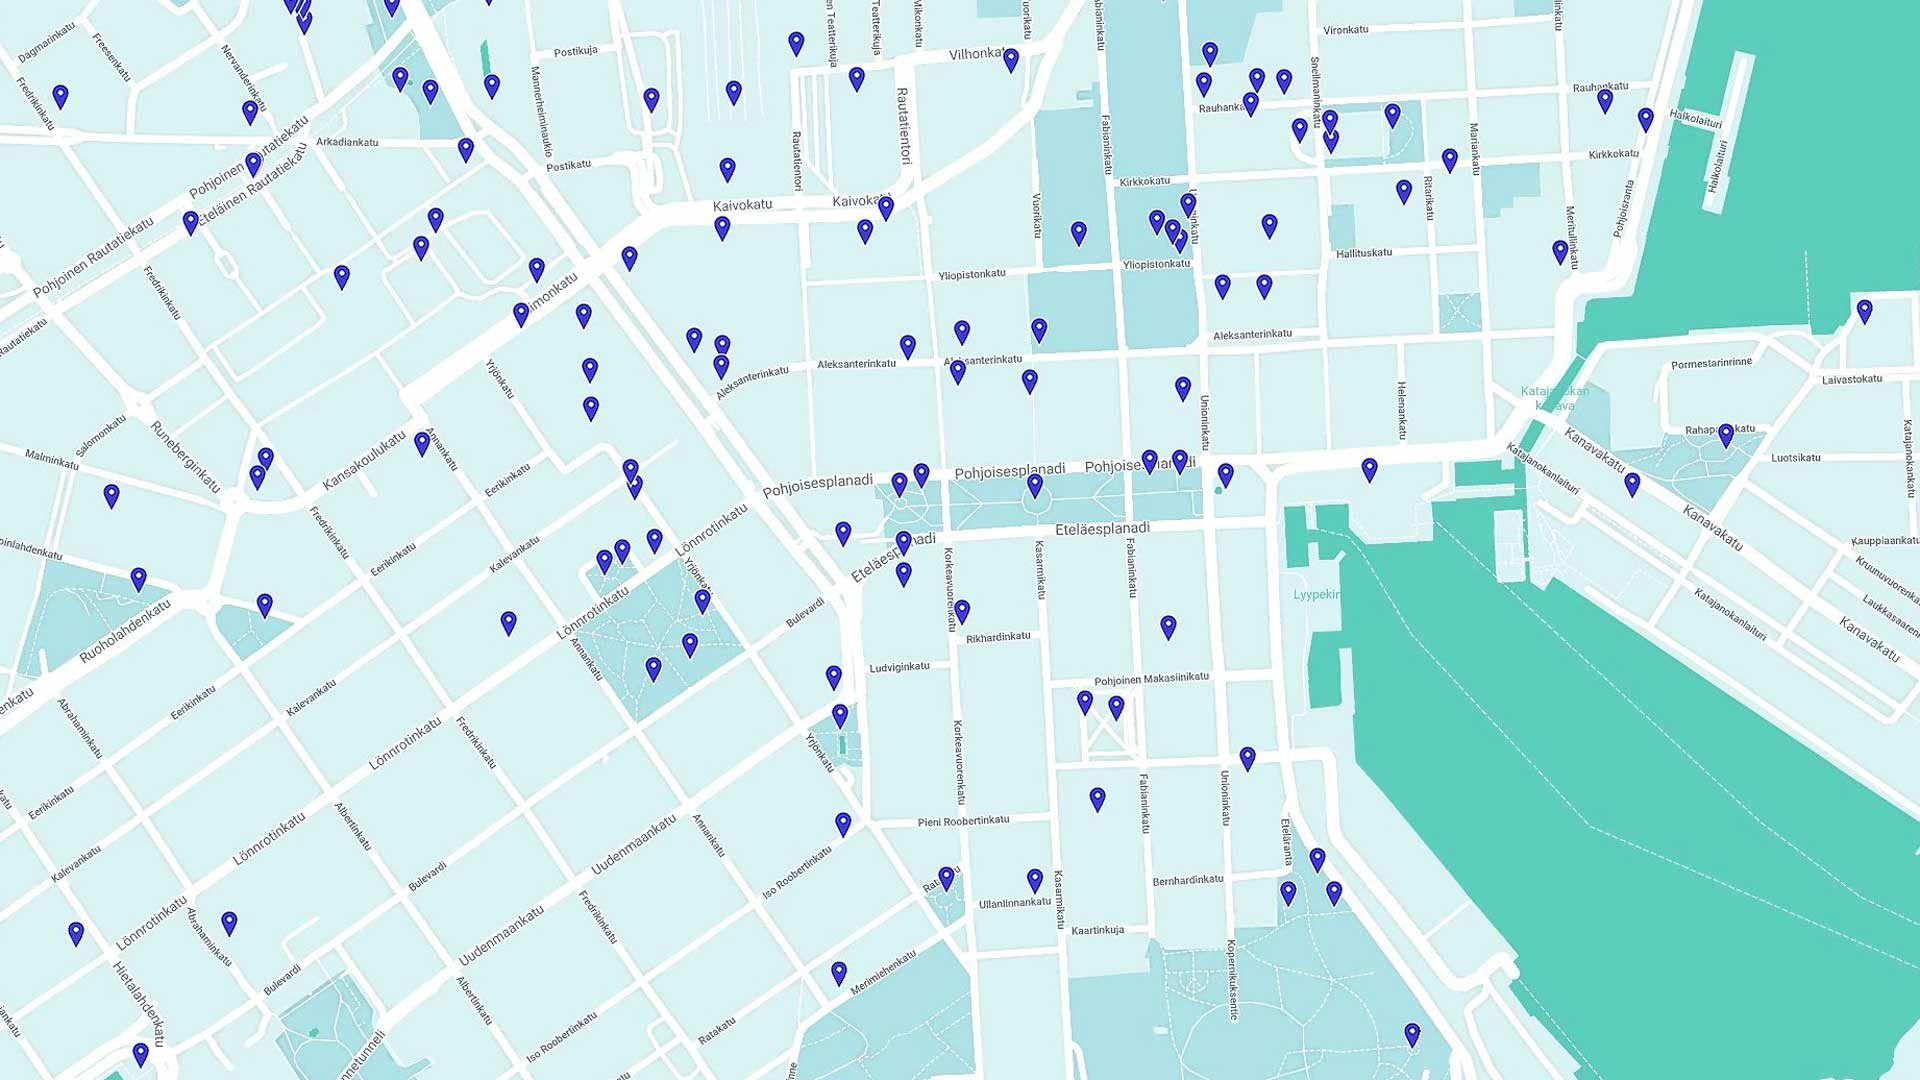 Helsinki kuten moni muukin kaupunki on täynnä taidetta, johon tutustua.